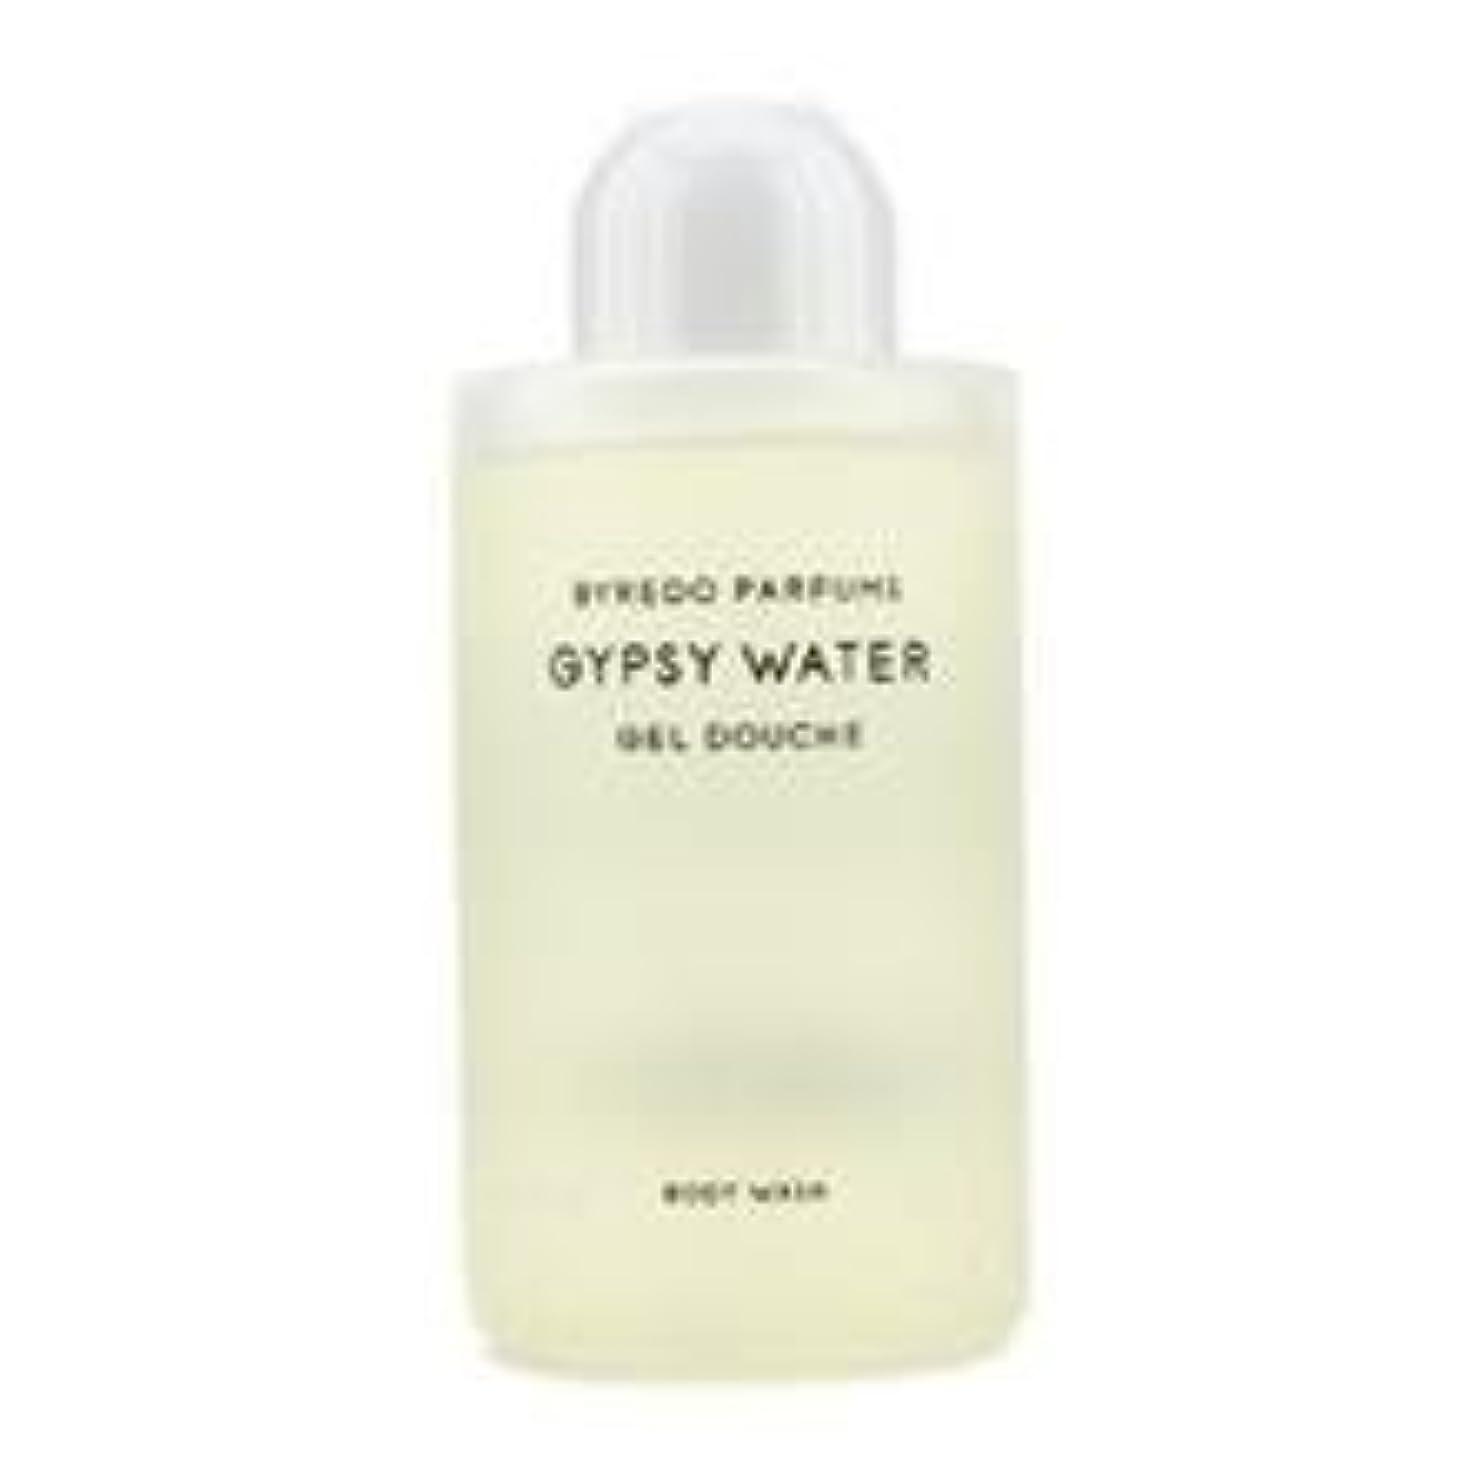 のぞき穴昼間器具Byredo Gypsy Water Body Wash 225ml/7.6oz by Byredo